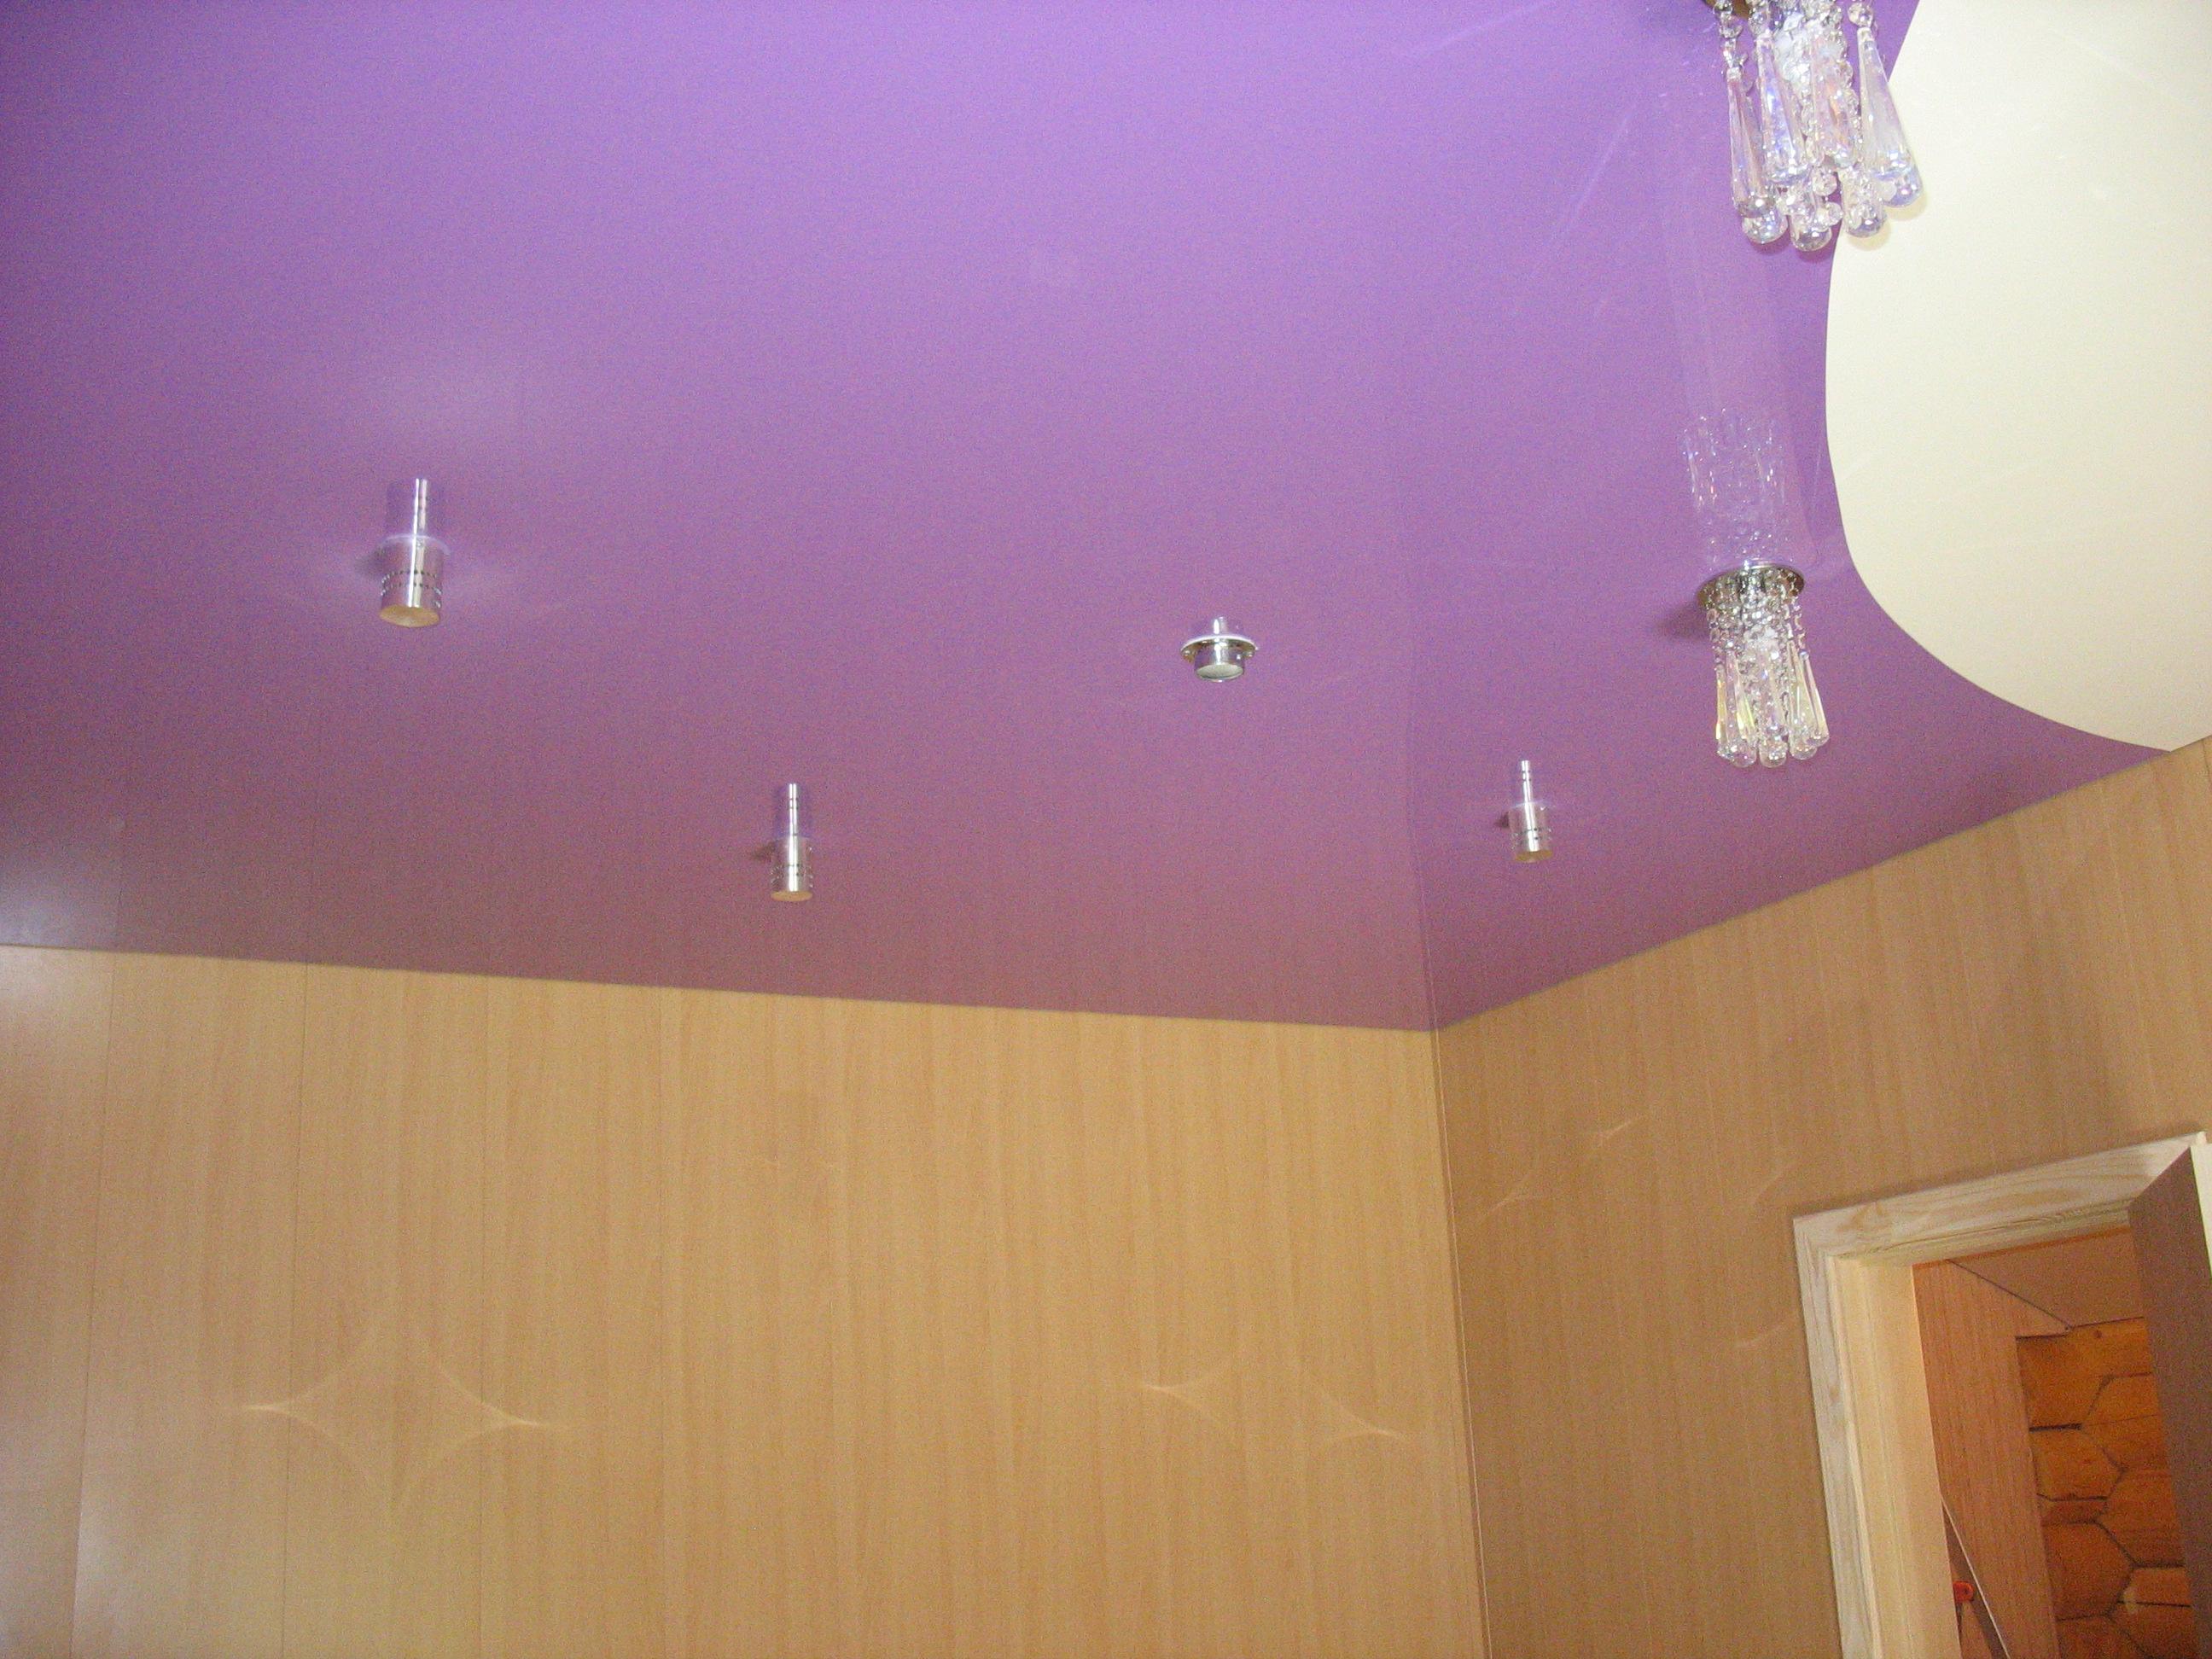 Как правильно подобрать цвет натяжного потолка. - Мир потолков 6